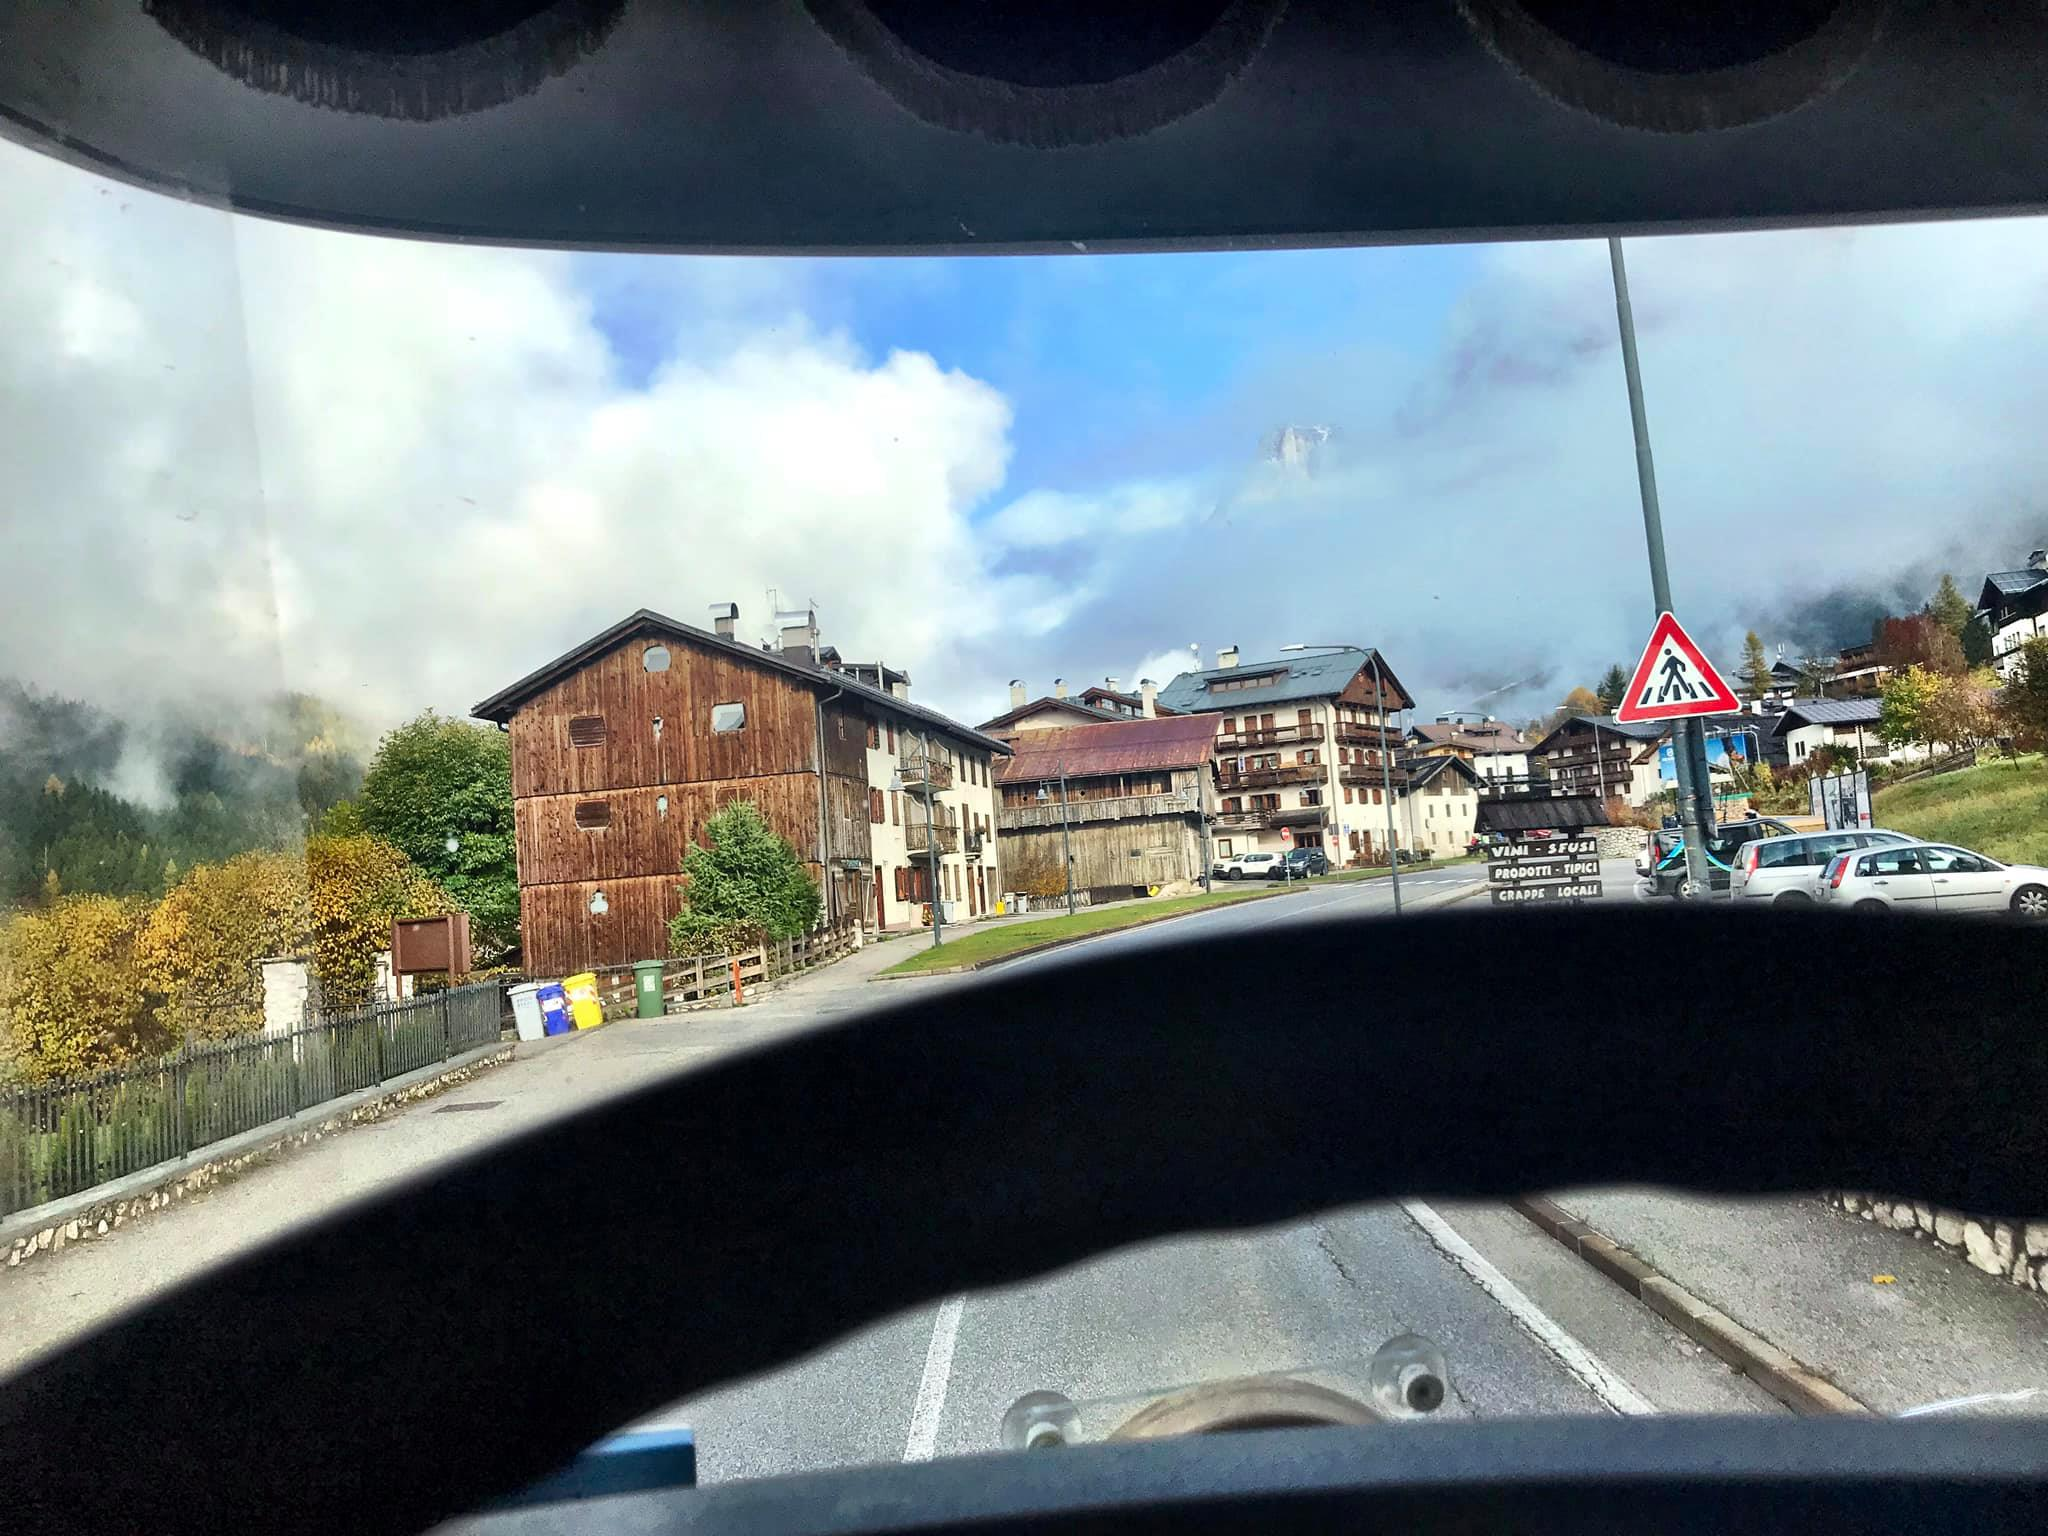 Pols-Sie-in-noord-Italie--30-10-209-11